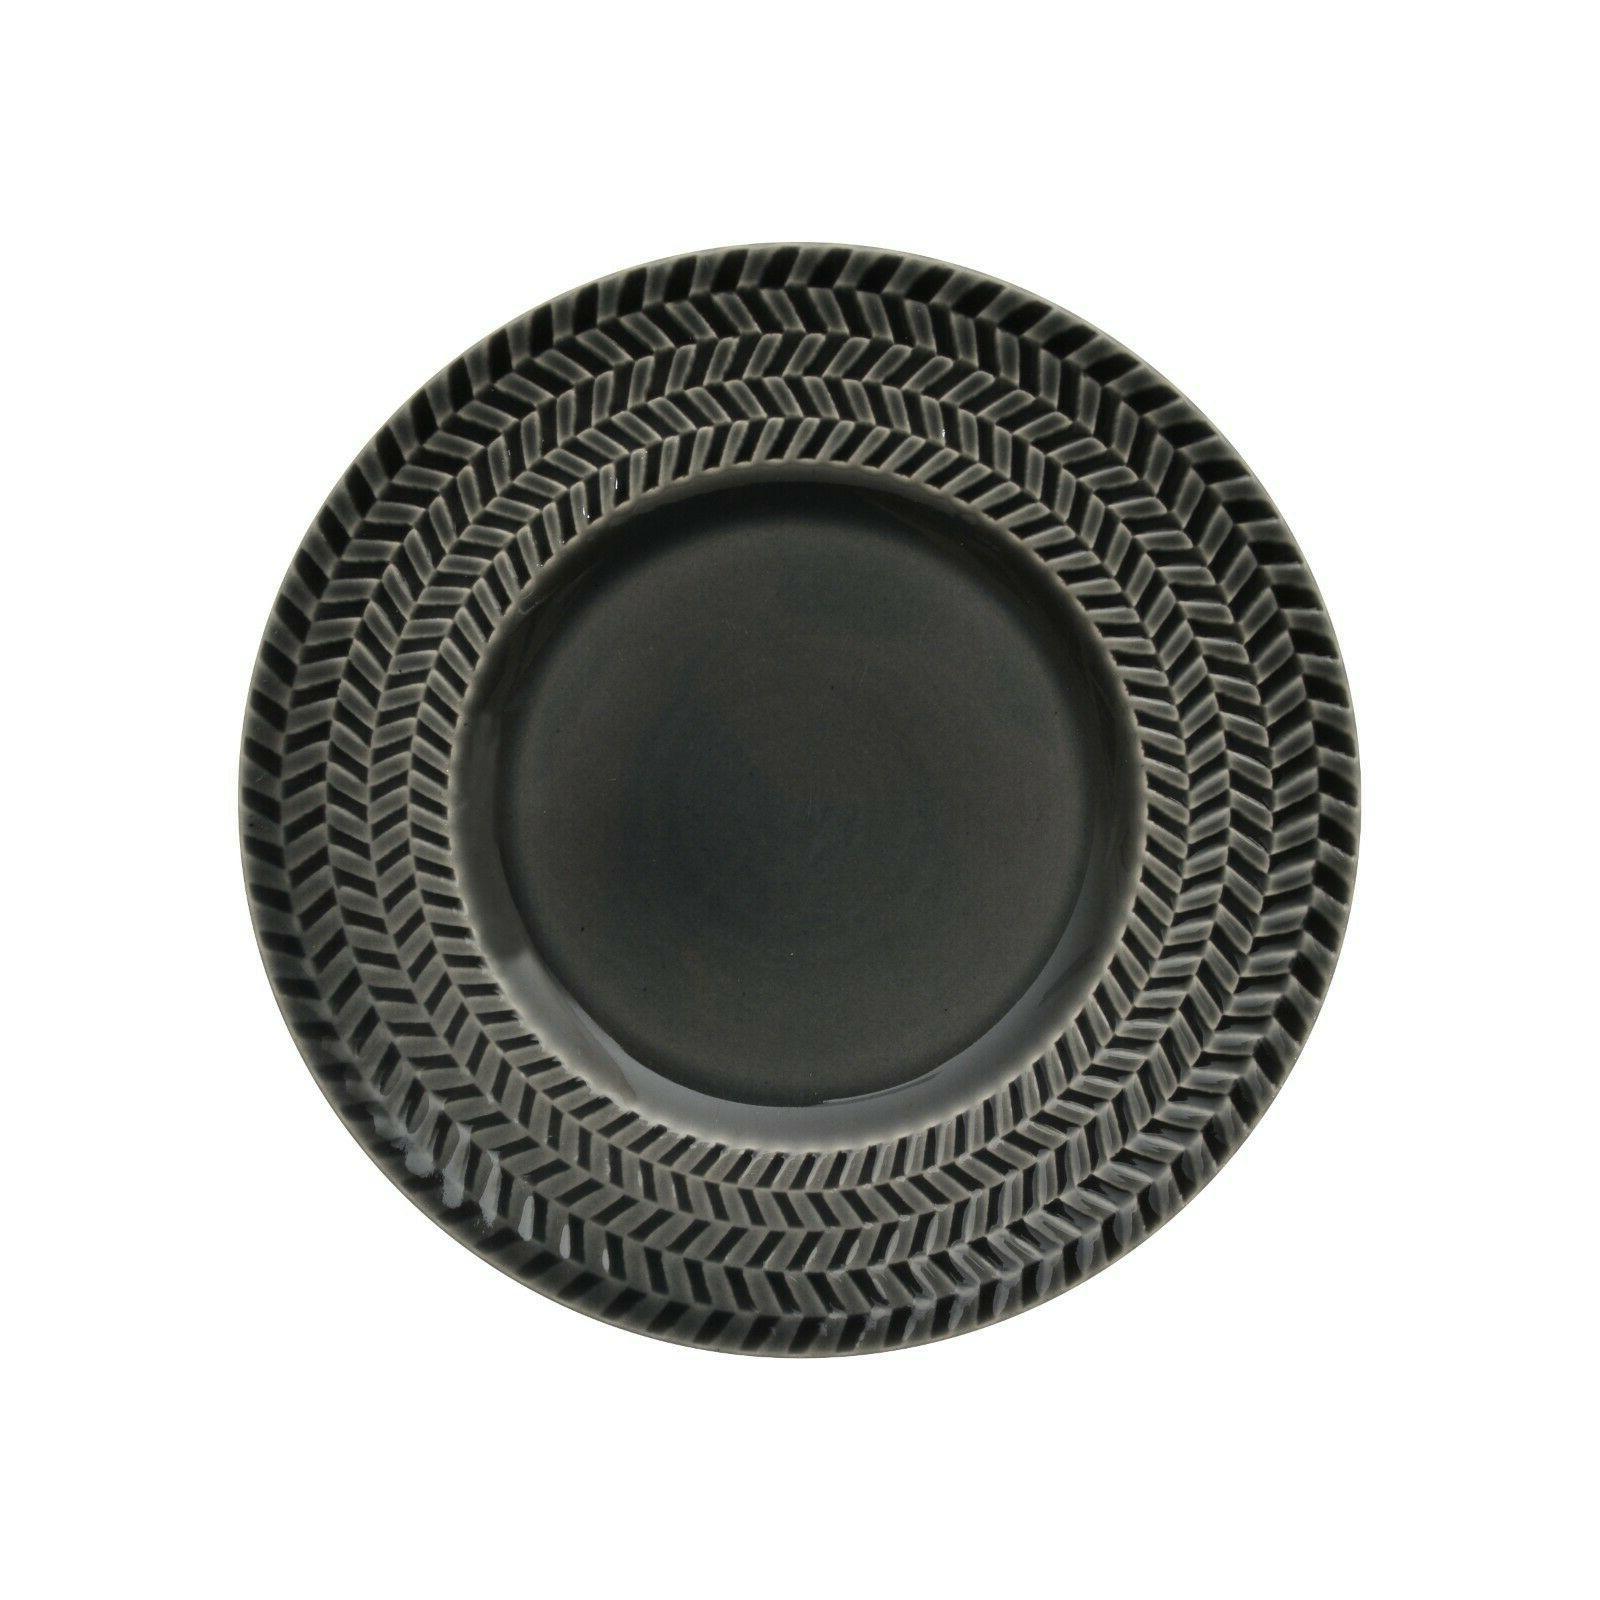 Sango Tweed 16 Piece Glaze Stoneware